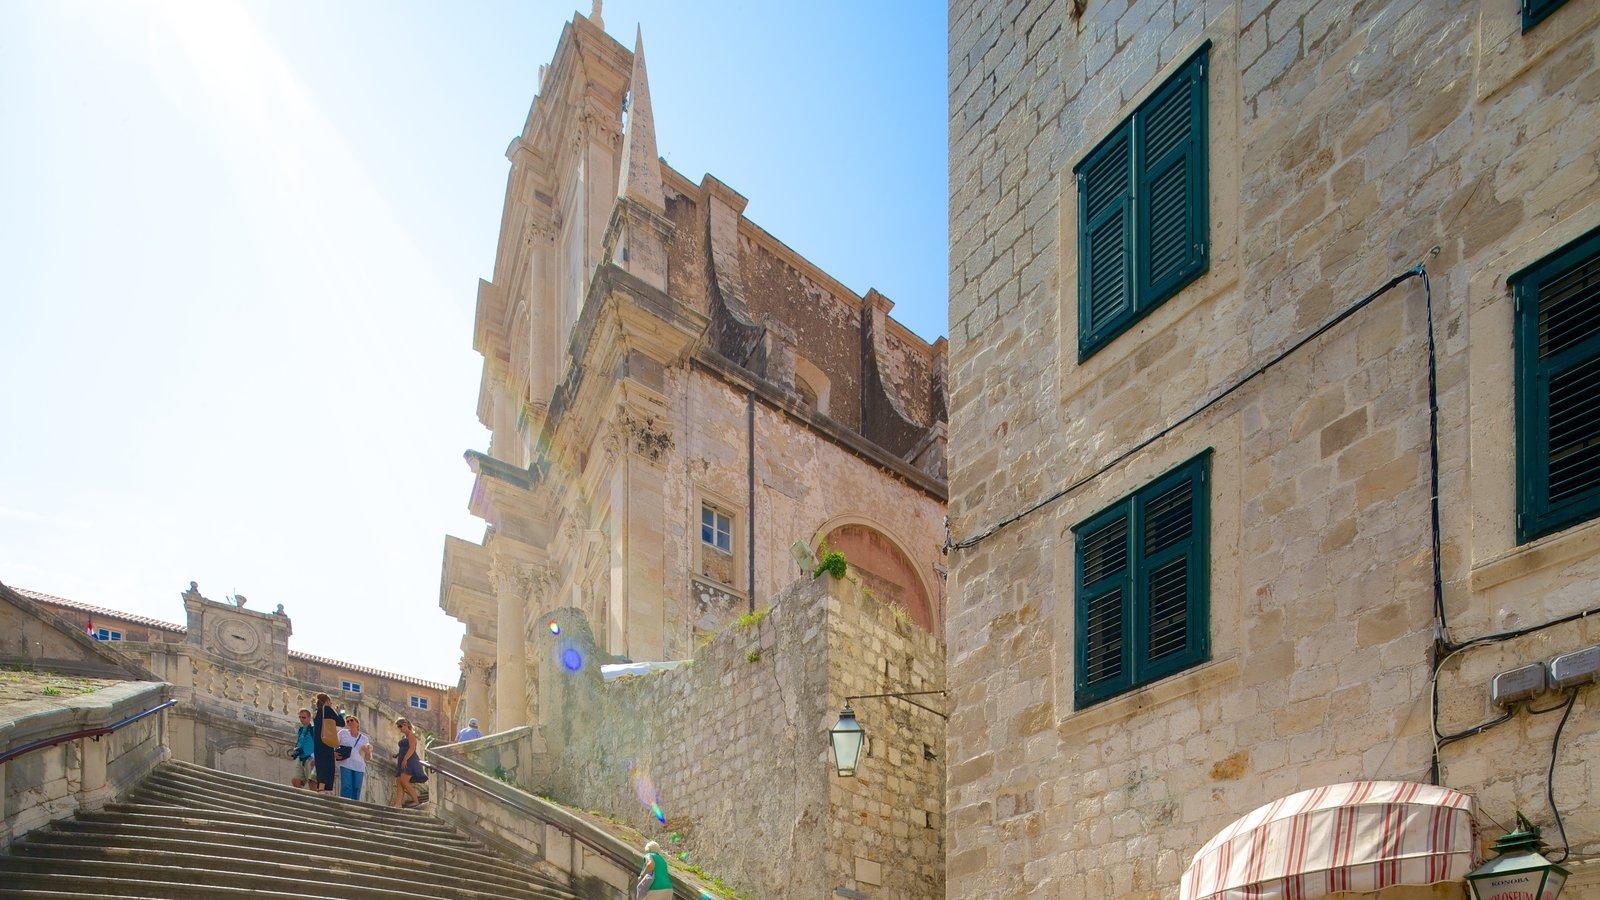 Church of St. Ignatius featuring heritage elements